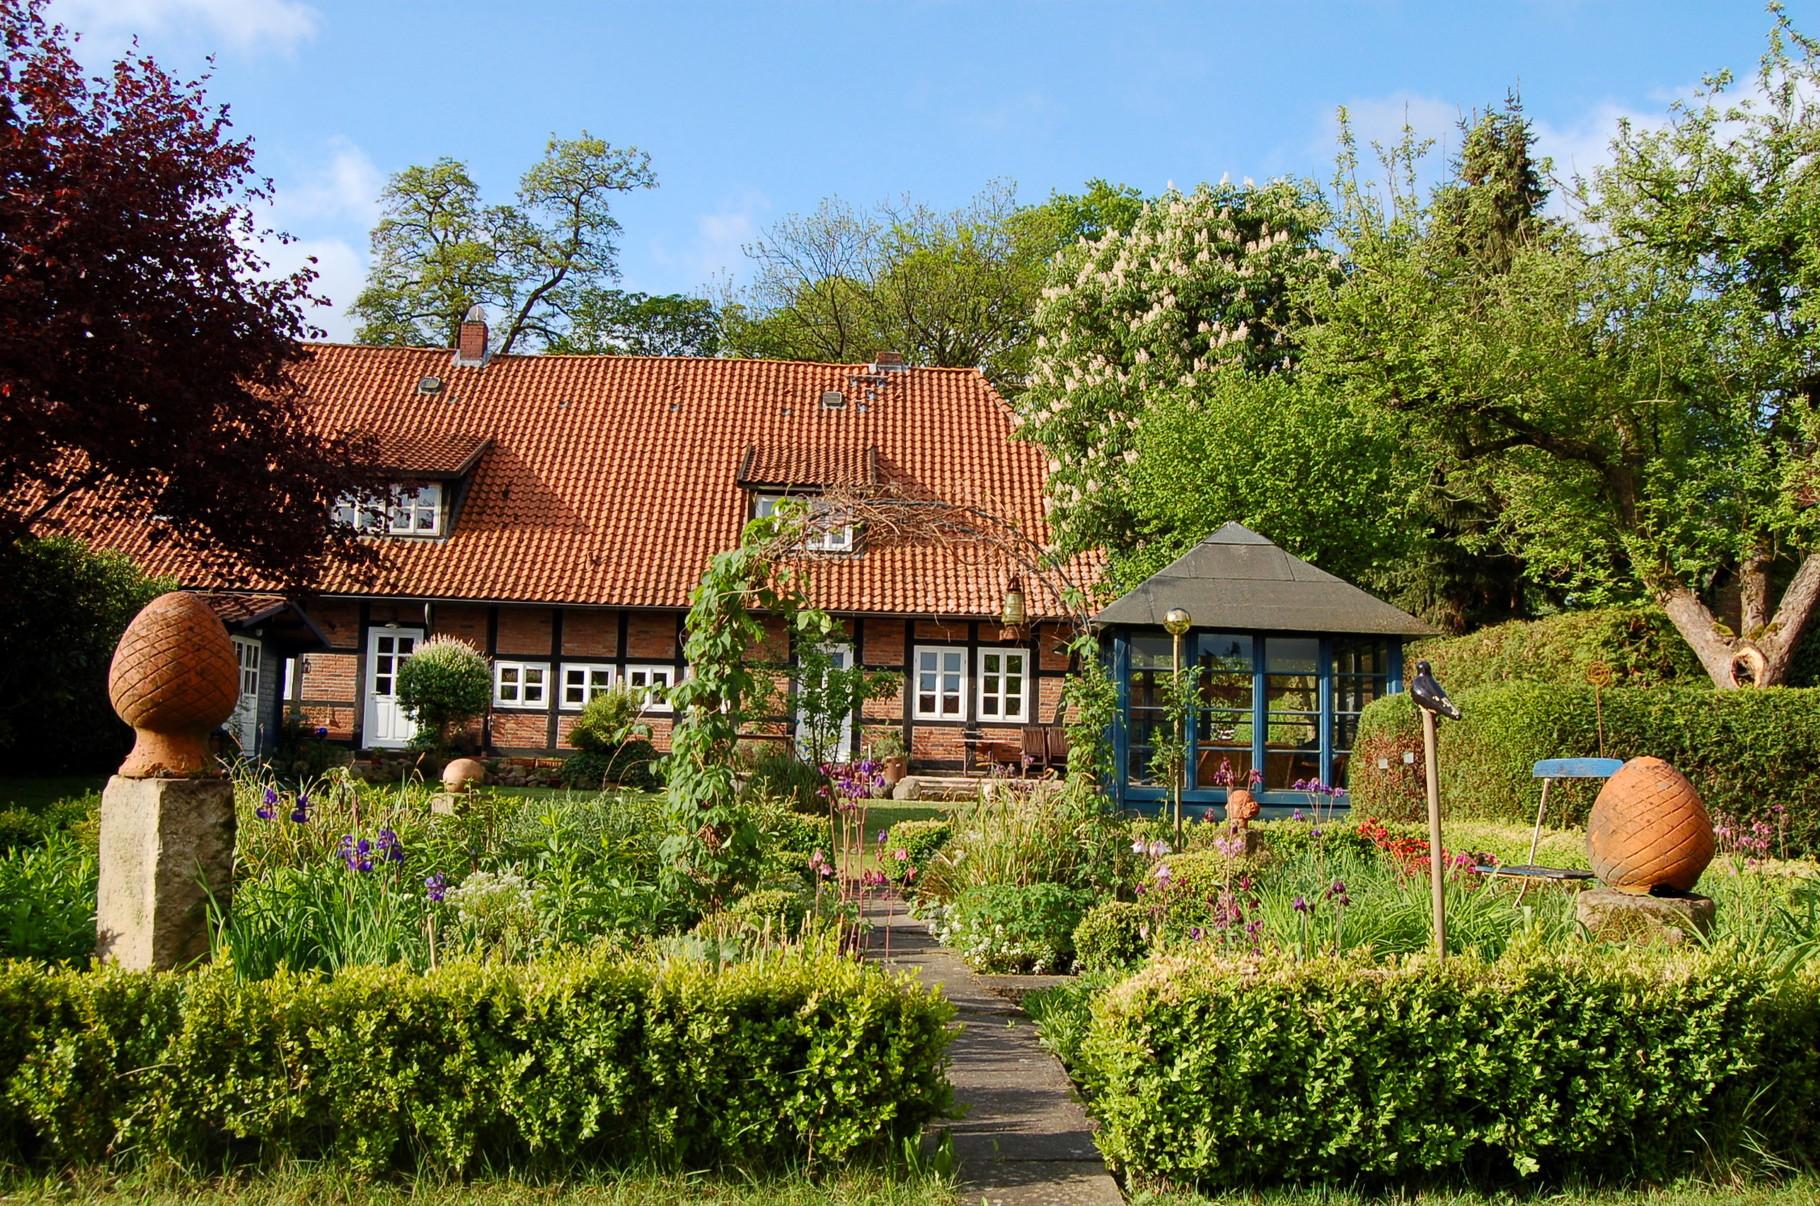 Pfarrscheune Hagen, Garten, Blick auf das Haus